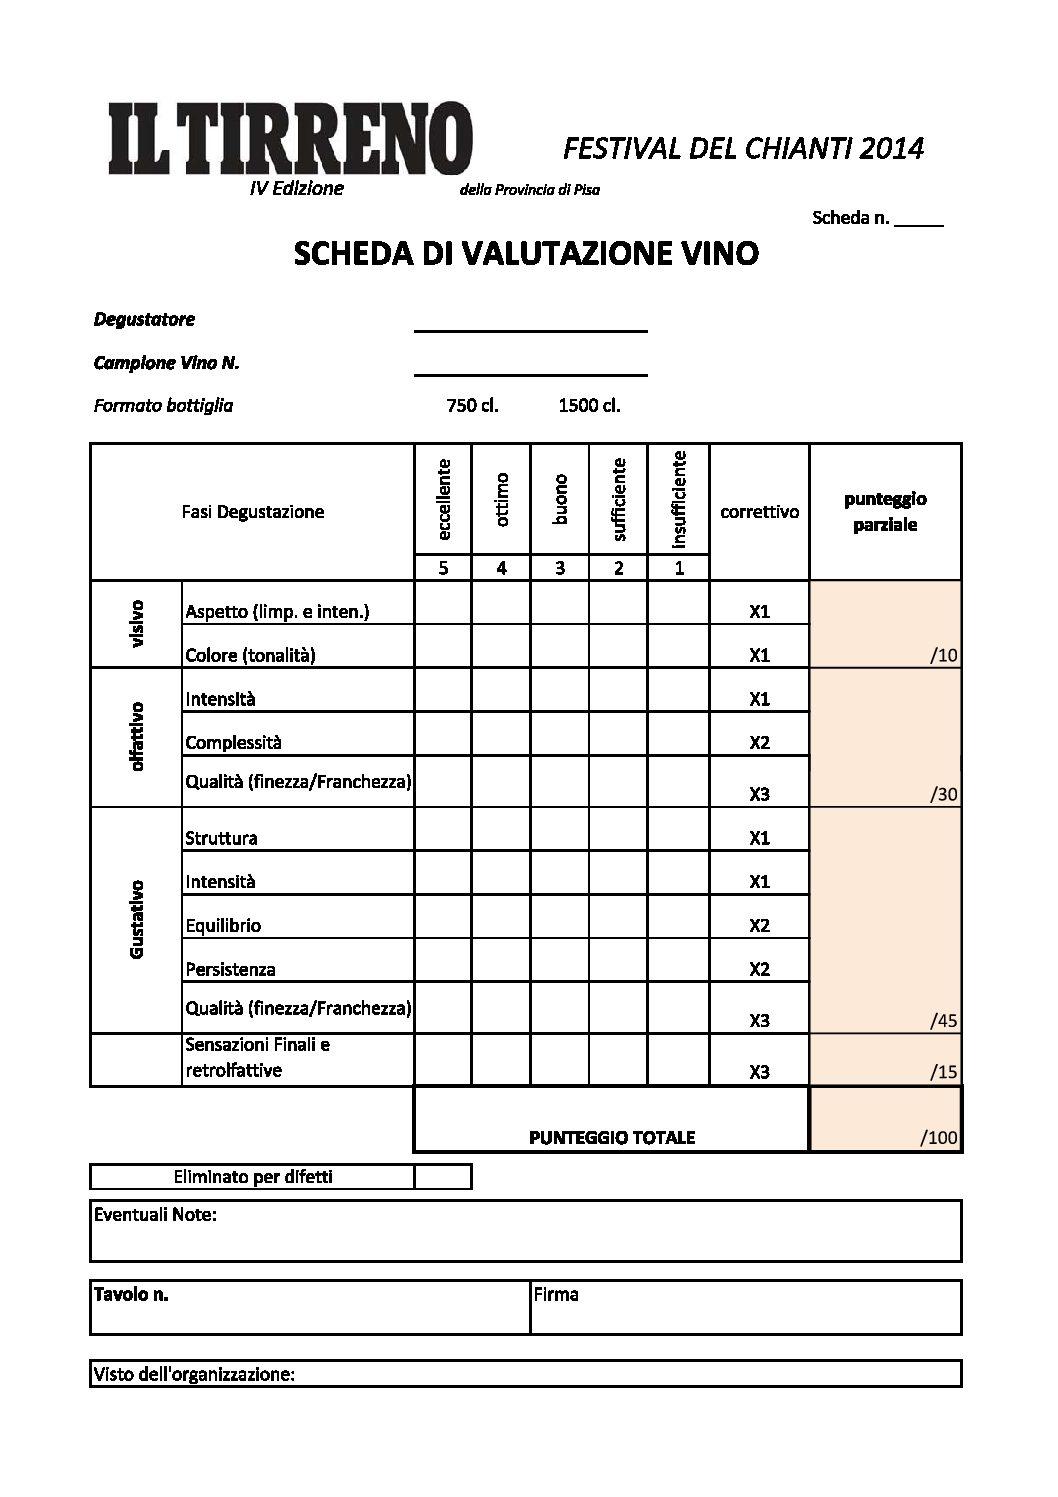 Scheda di Valutazione Festival del Chianti 2014